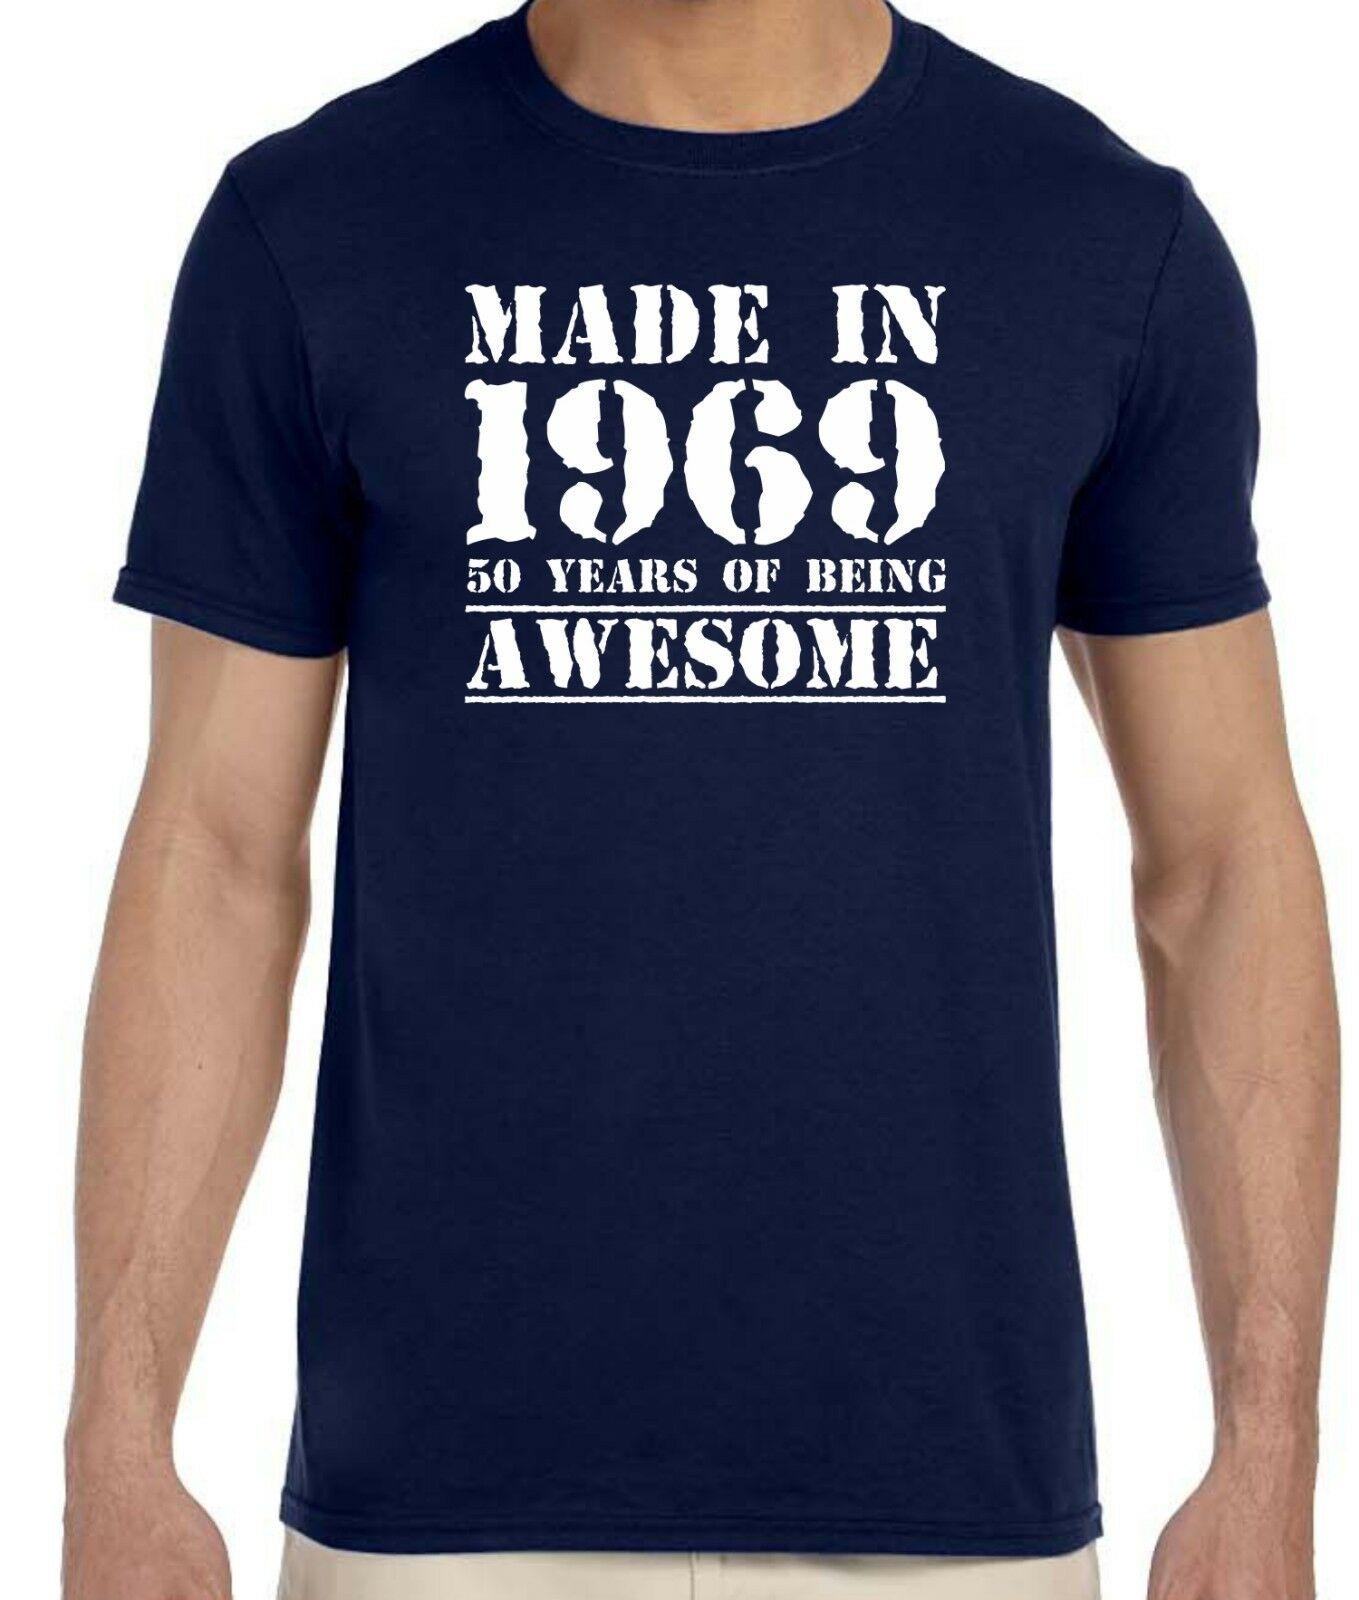 2019 engraçado feito em 1969, 50 anos de ser, impressionante-50th aniversário camiseta unisex